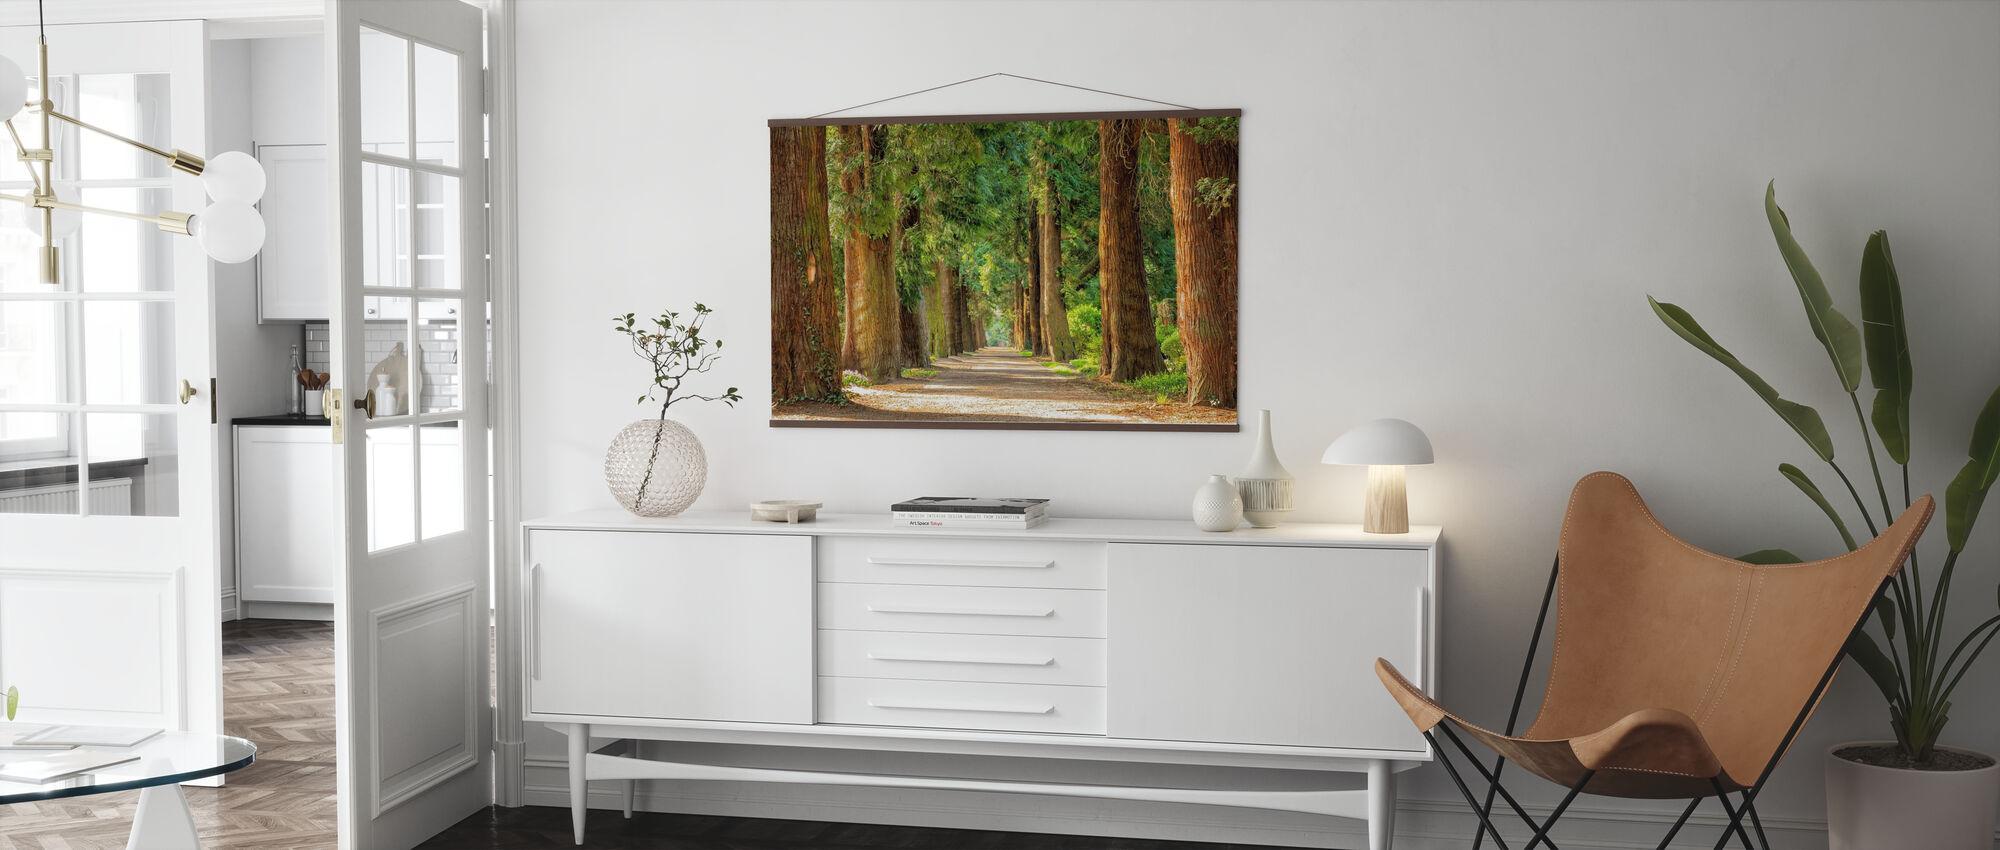 Polku puiden välillä - Juliste - Olohuone